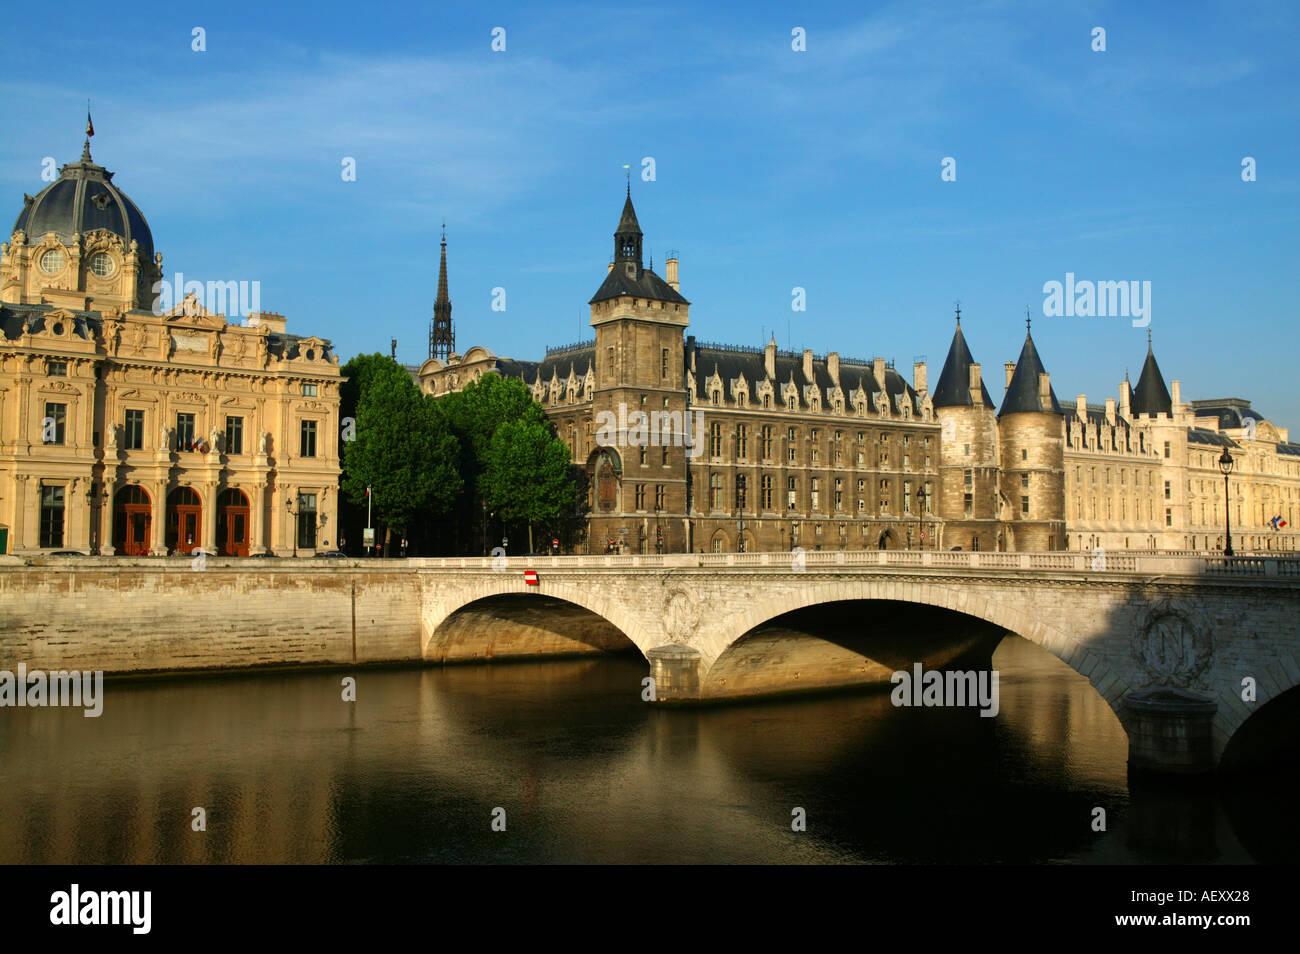 France - Commerce law court Conciergerie and Pont au Change at Paris - Stock Image